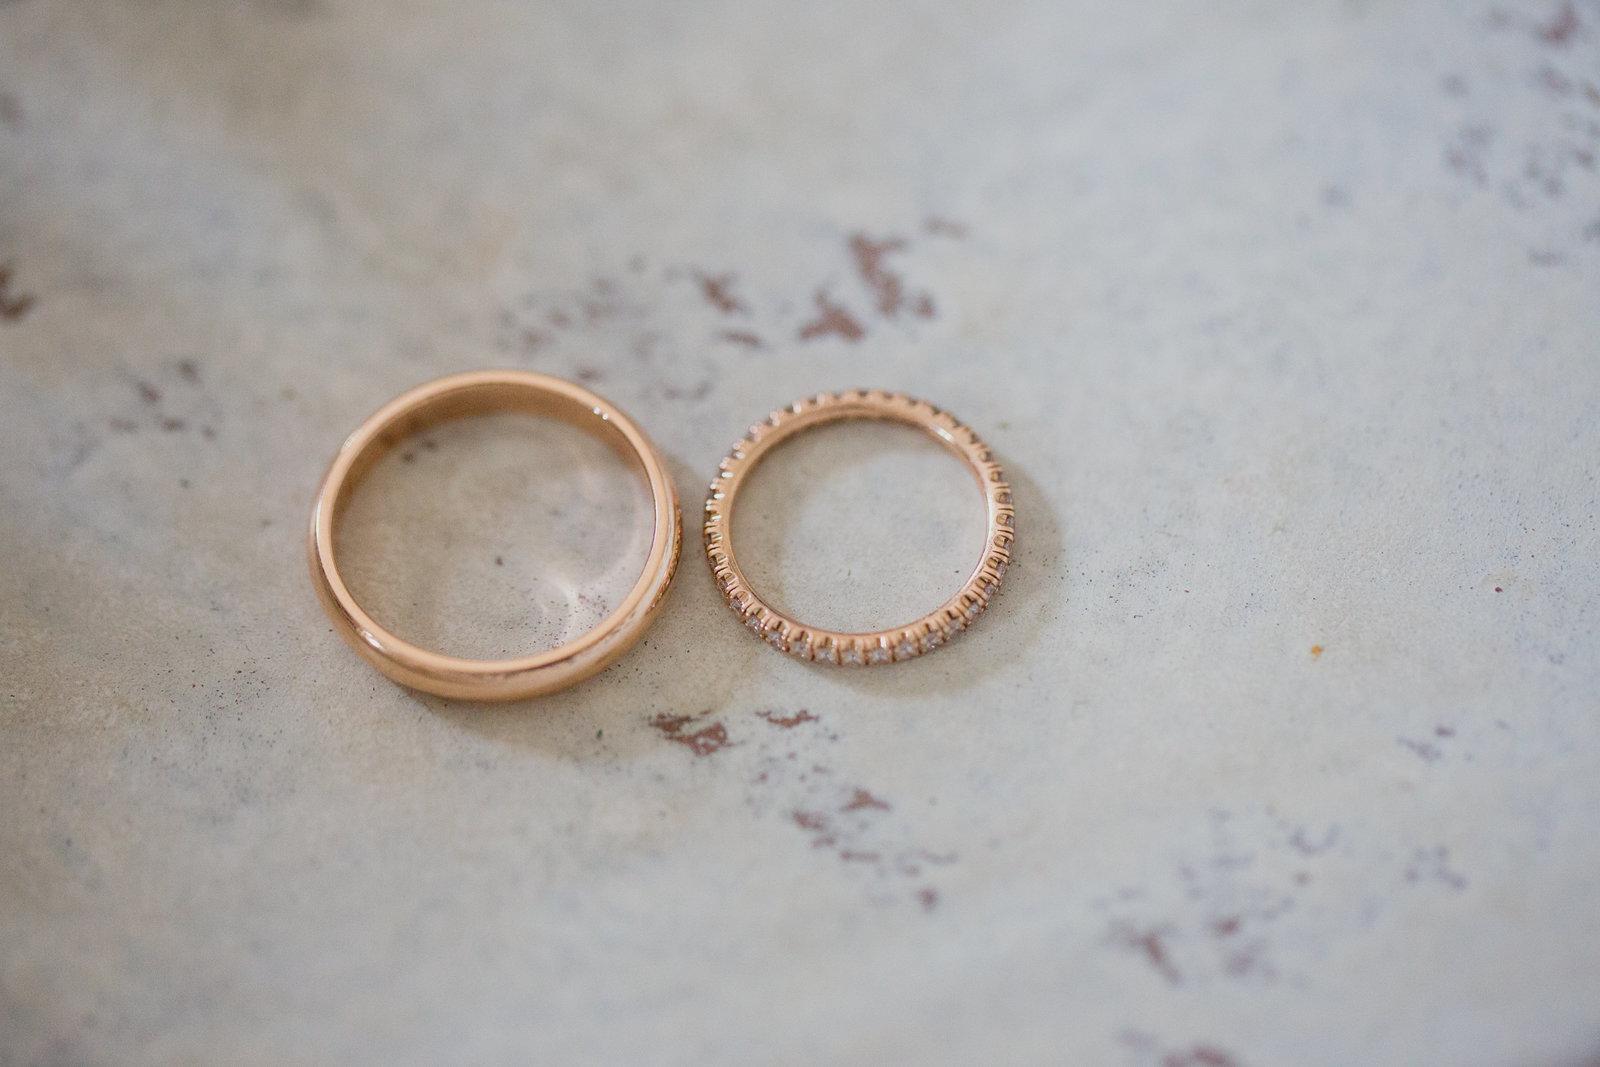 Eheringe, Hochzeitsfotograf Bern,  Hochzeitsbilder, Heiraten